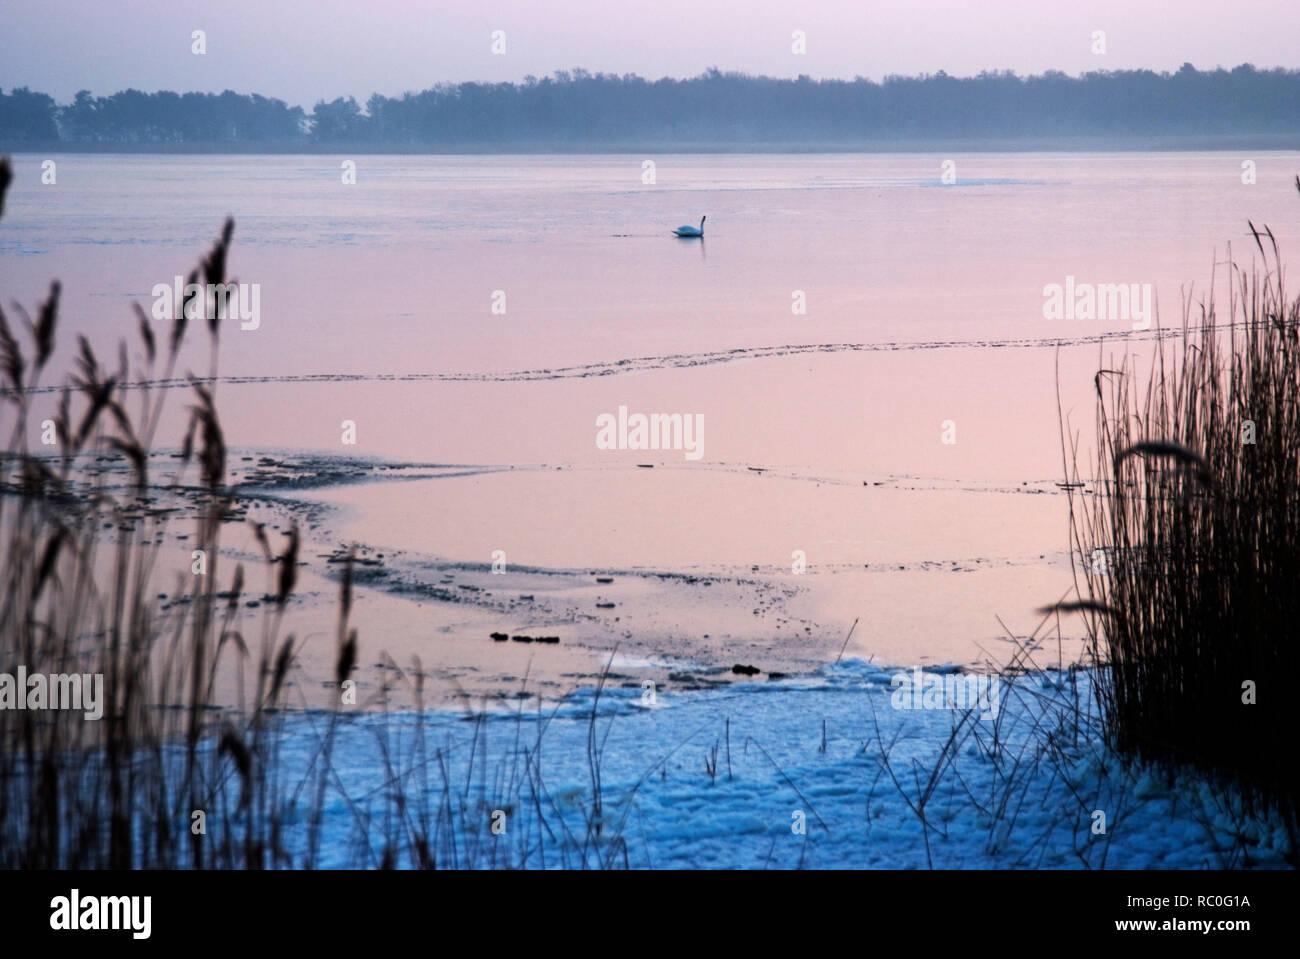 Winterstimmung am Bodden, Born, Darss, Fischland-Darss-Zingst, Mecklenburg-Vorpommern, Deutschland, Europa | painted door in an old captain's house, B - Stock Image